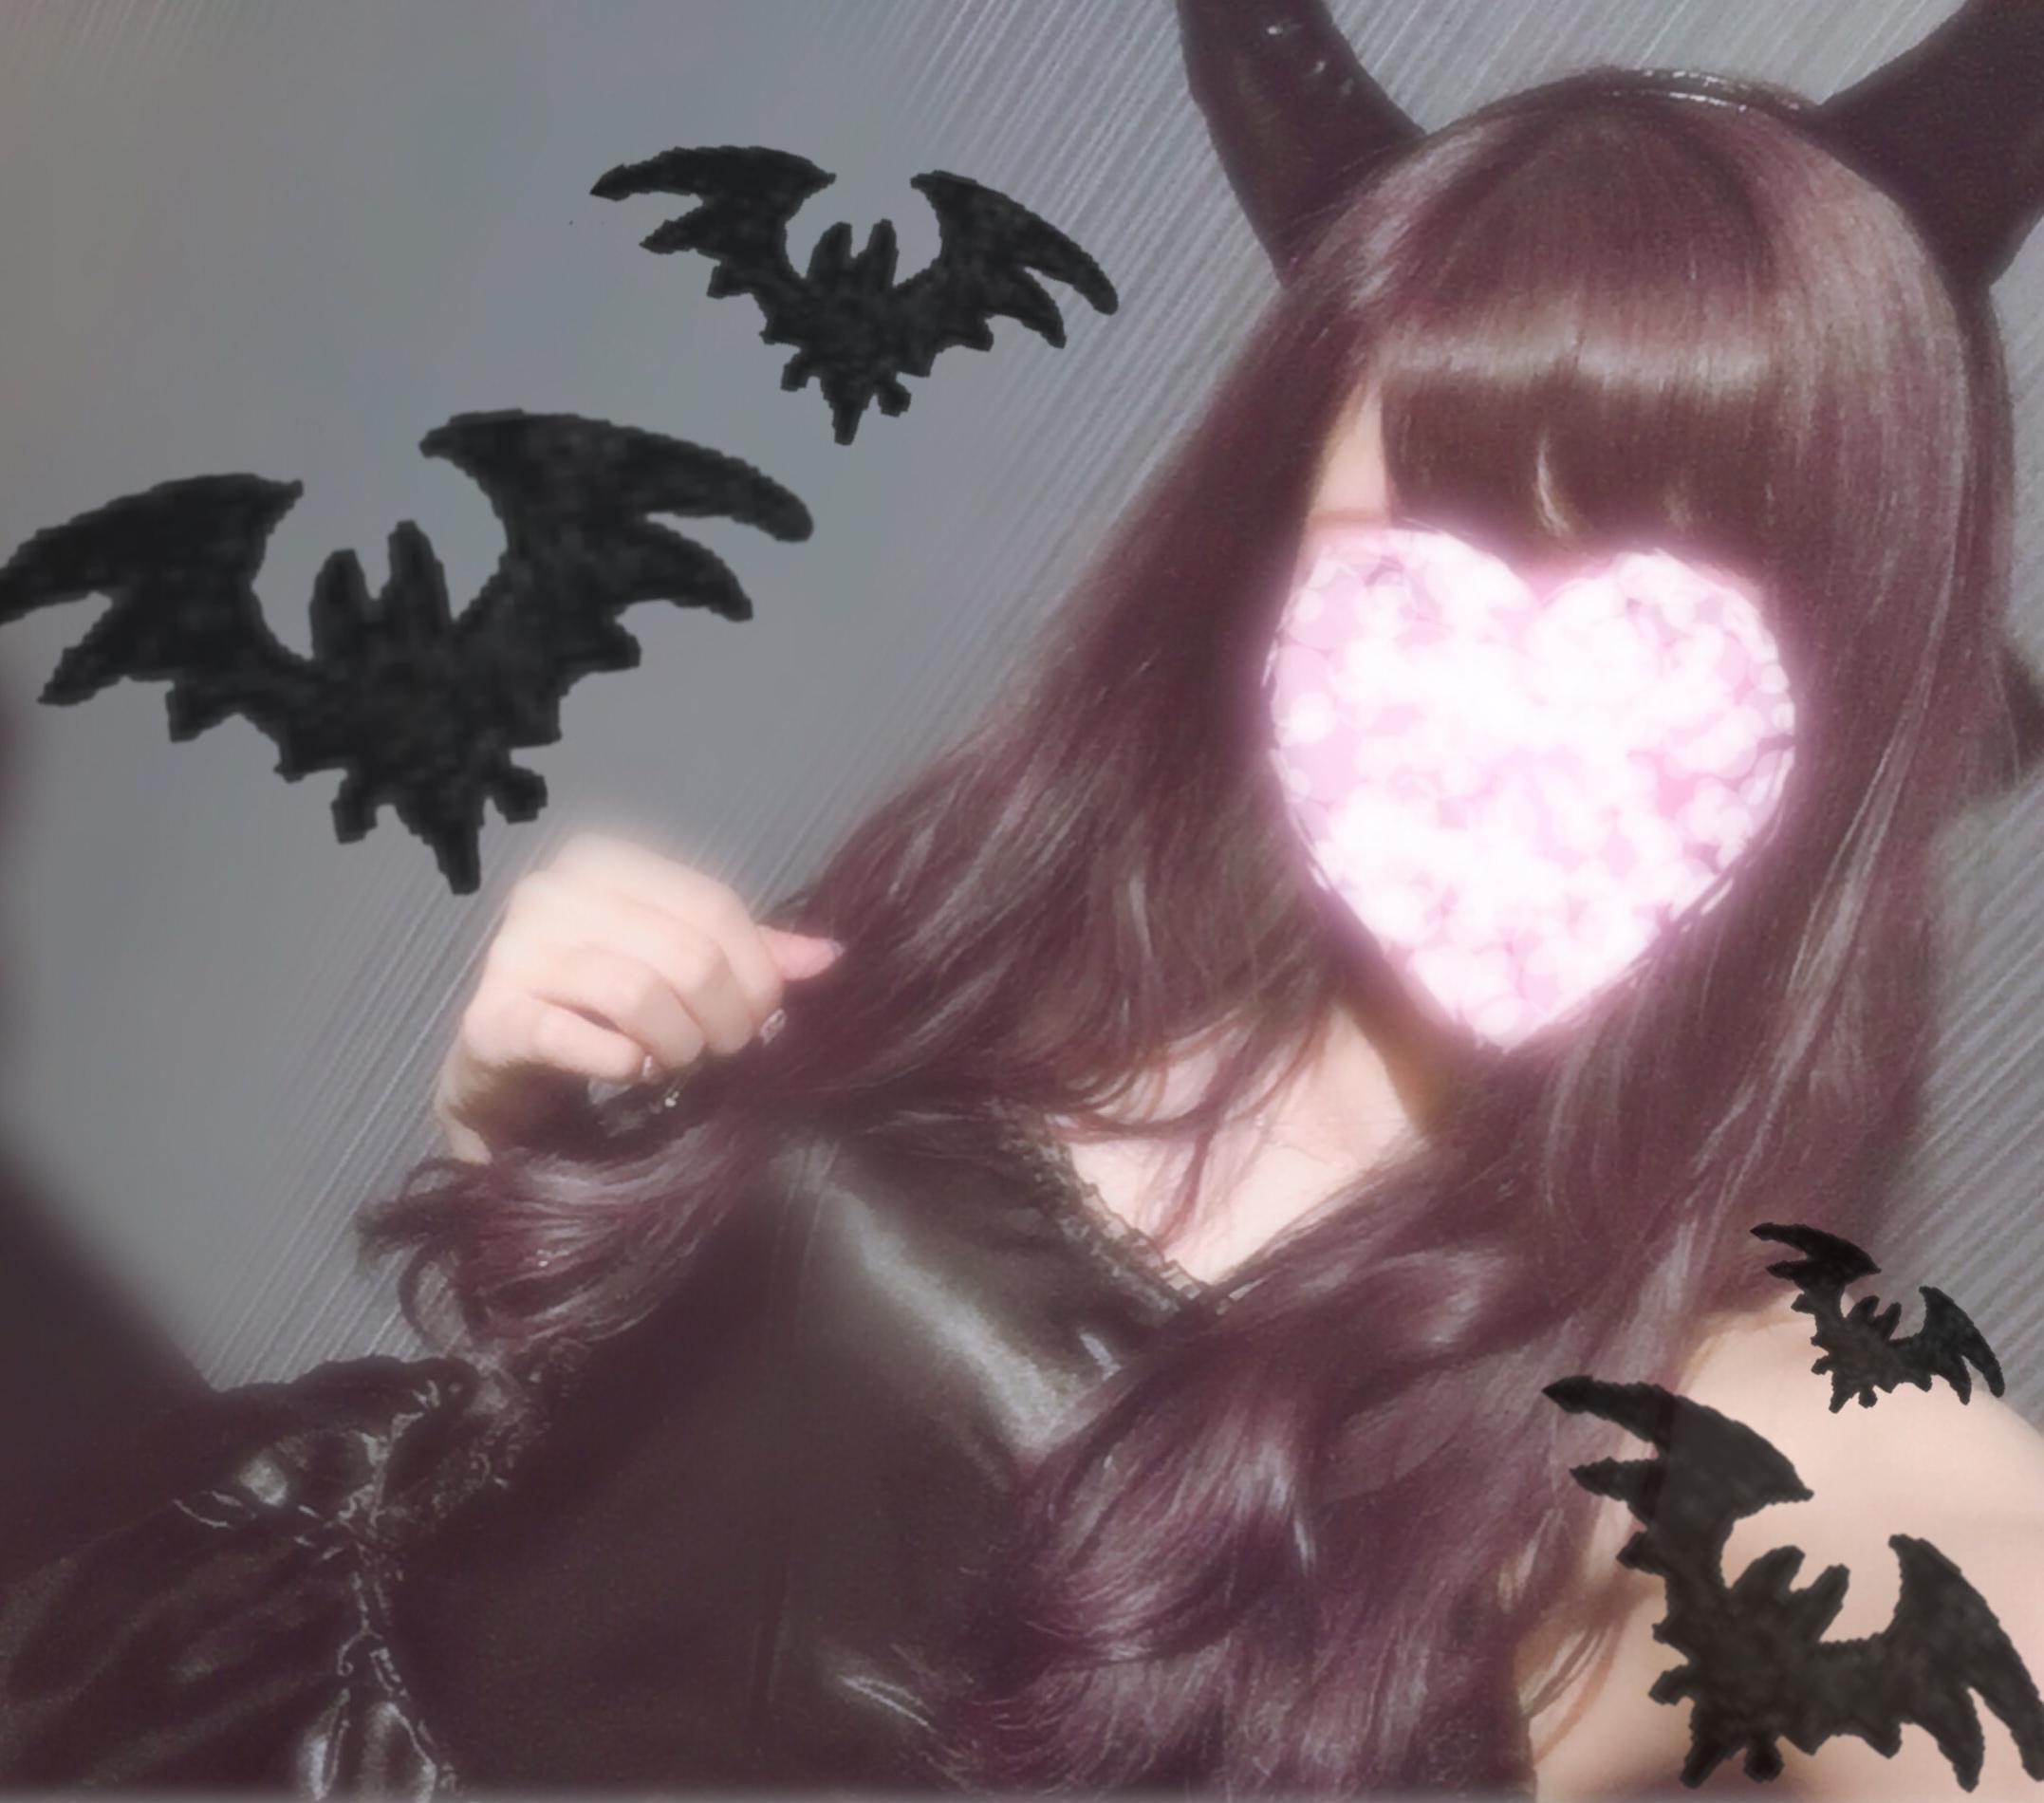 「イタズラするぞっ!」10/26(10/26) 21:14 | ありさの写メ・風俗動画